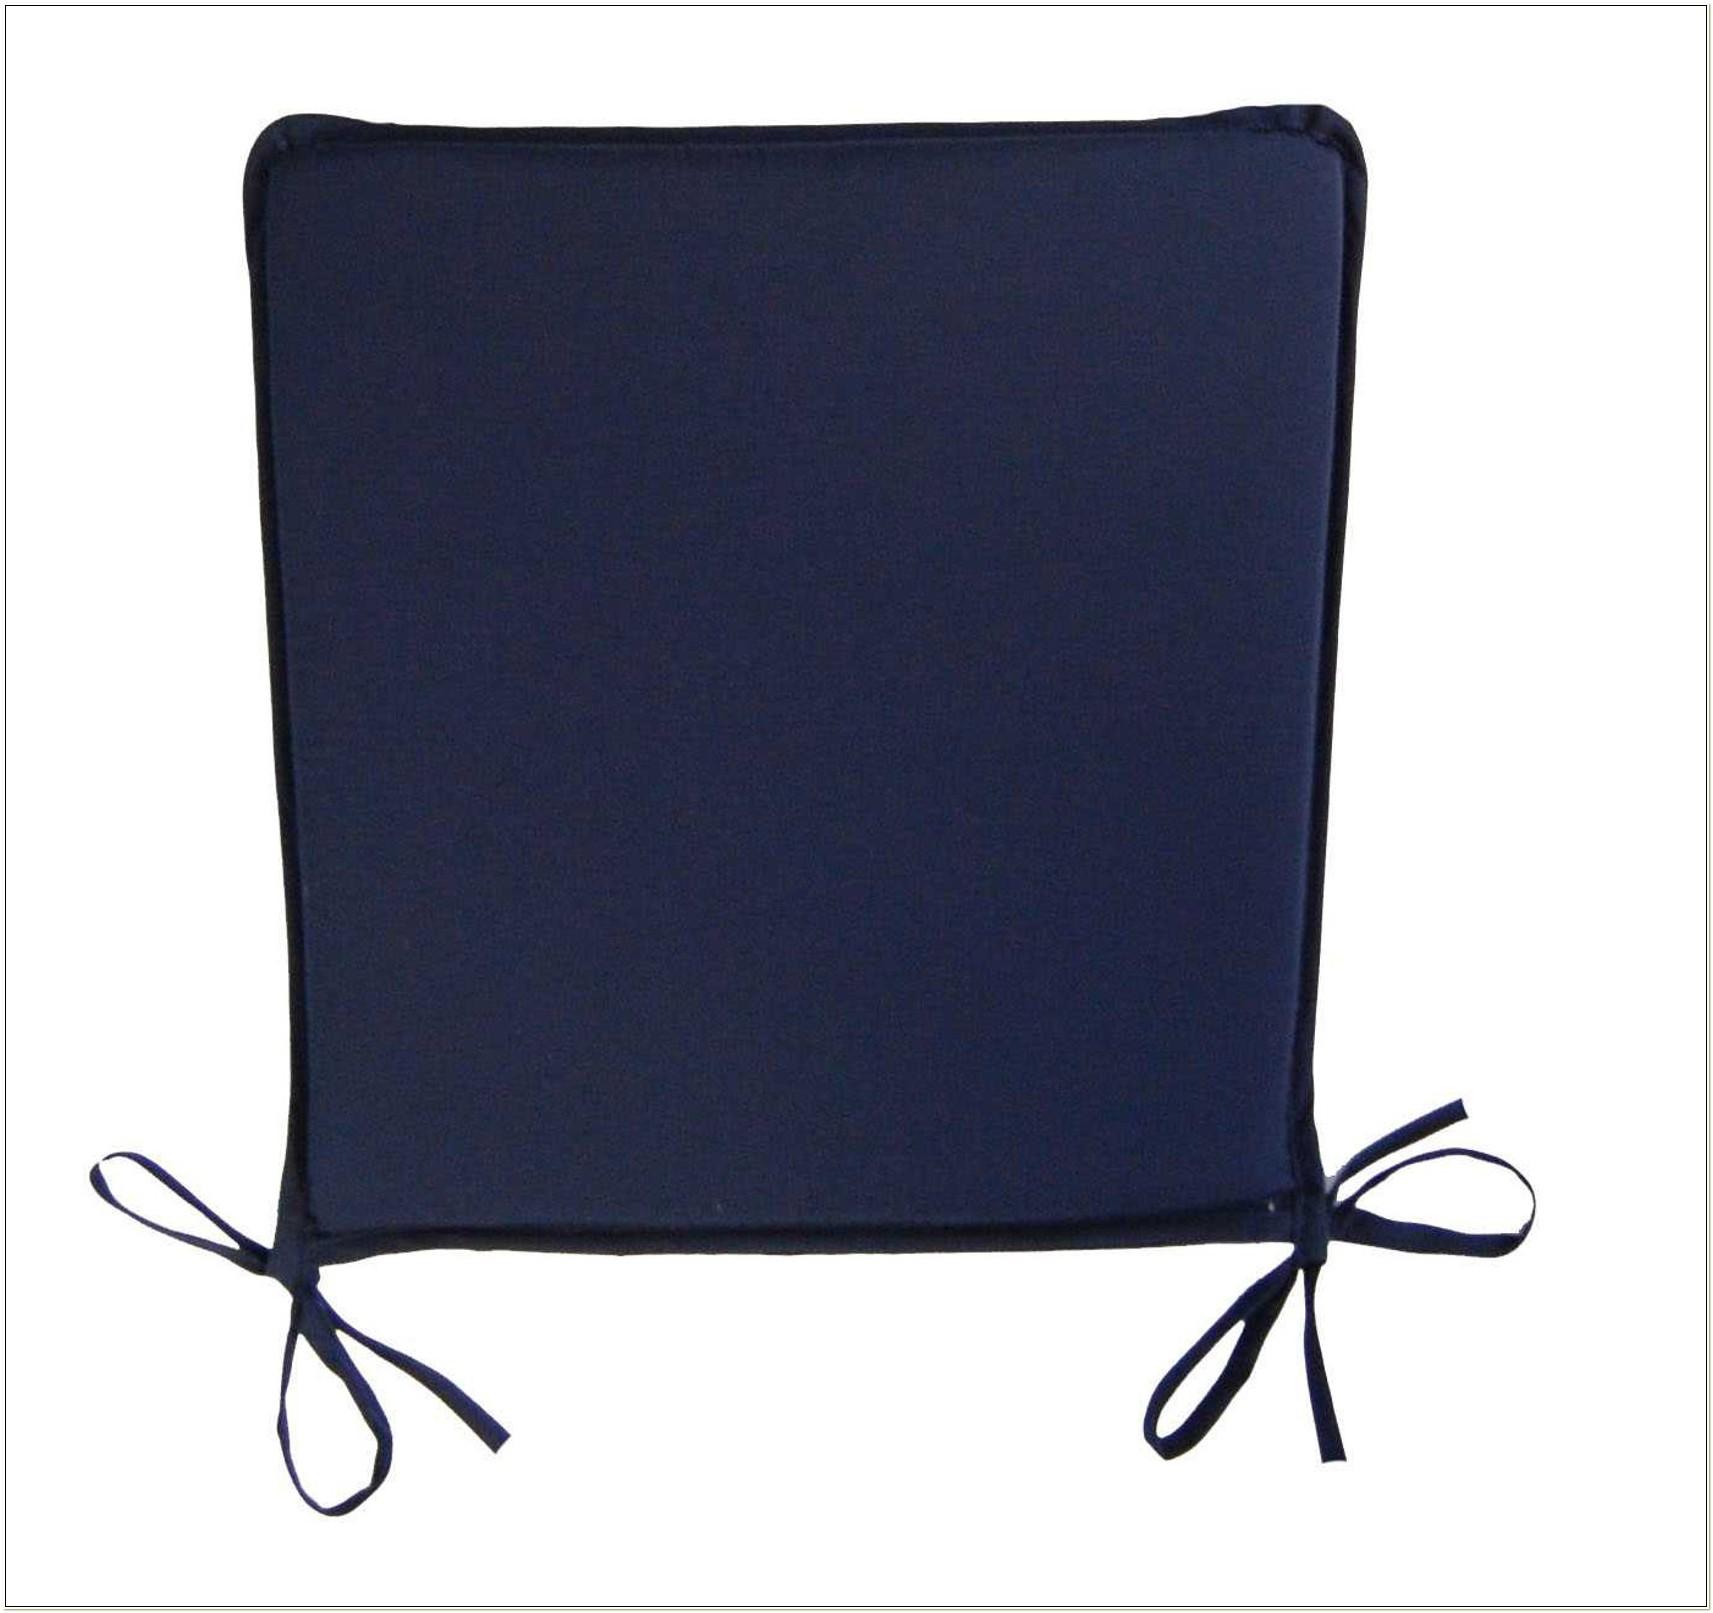 Cobalt Blue Dining Chair Cushions